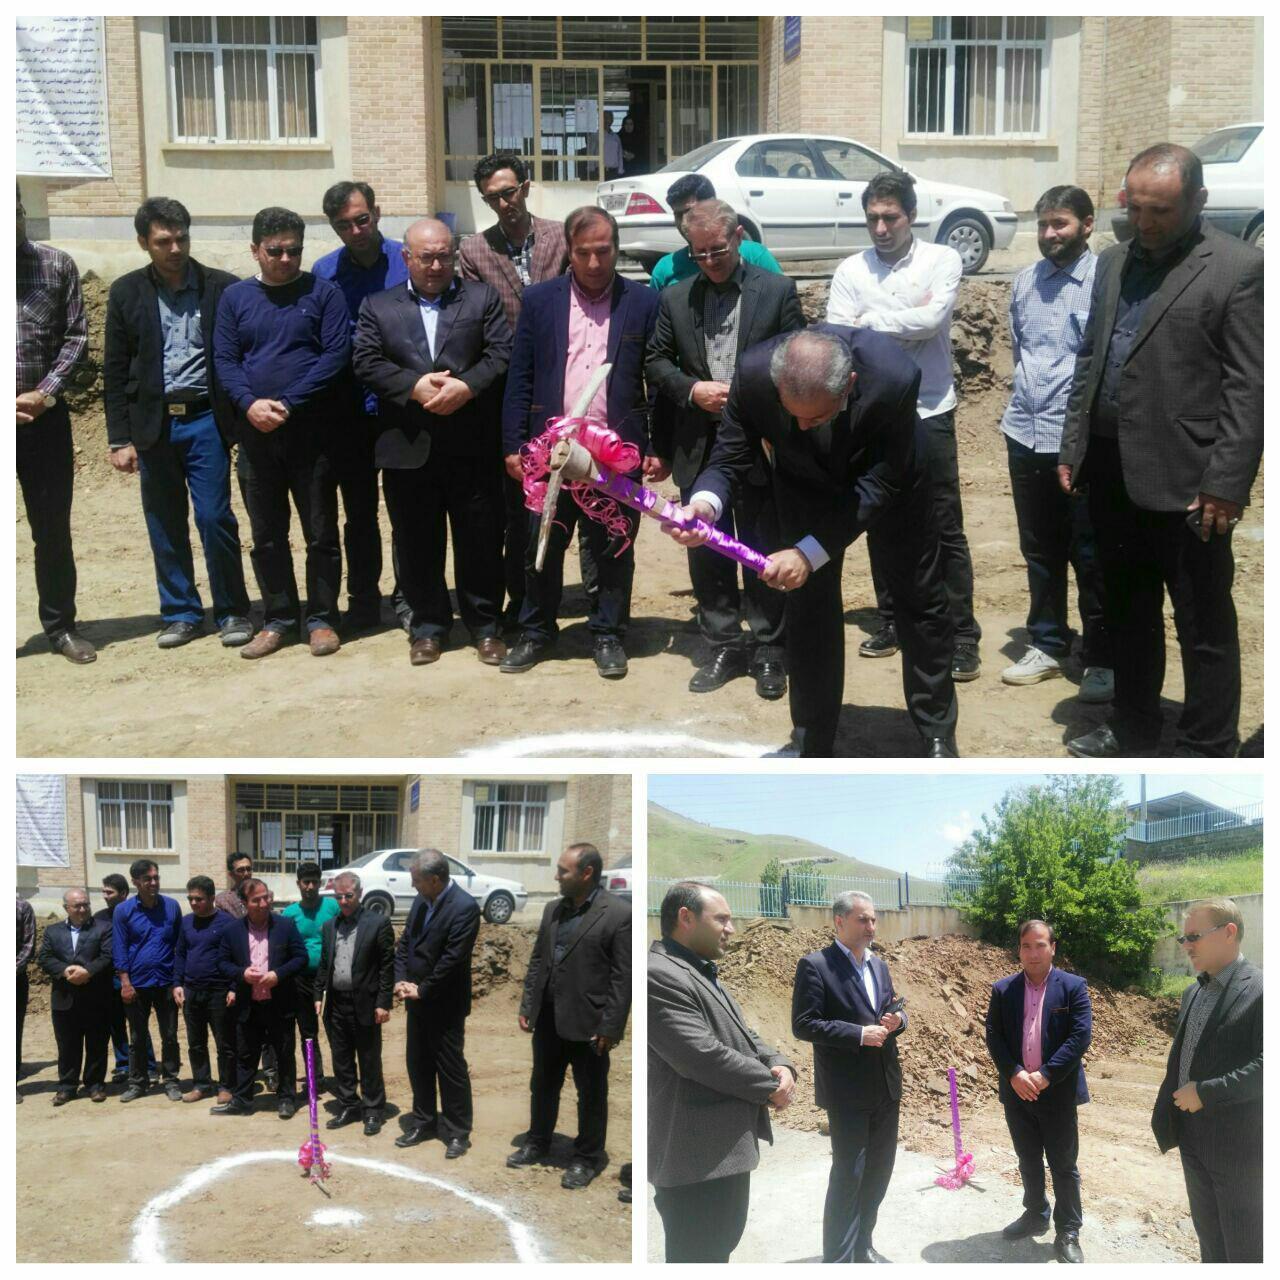 کلنگ زنی احداث مرکز جامع سلامت 22 بهمن و 5 خانه بهداشت در گرمی